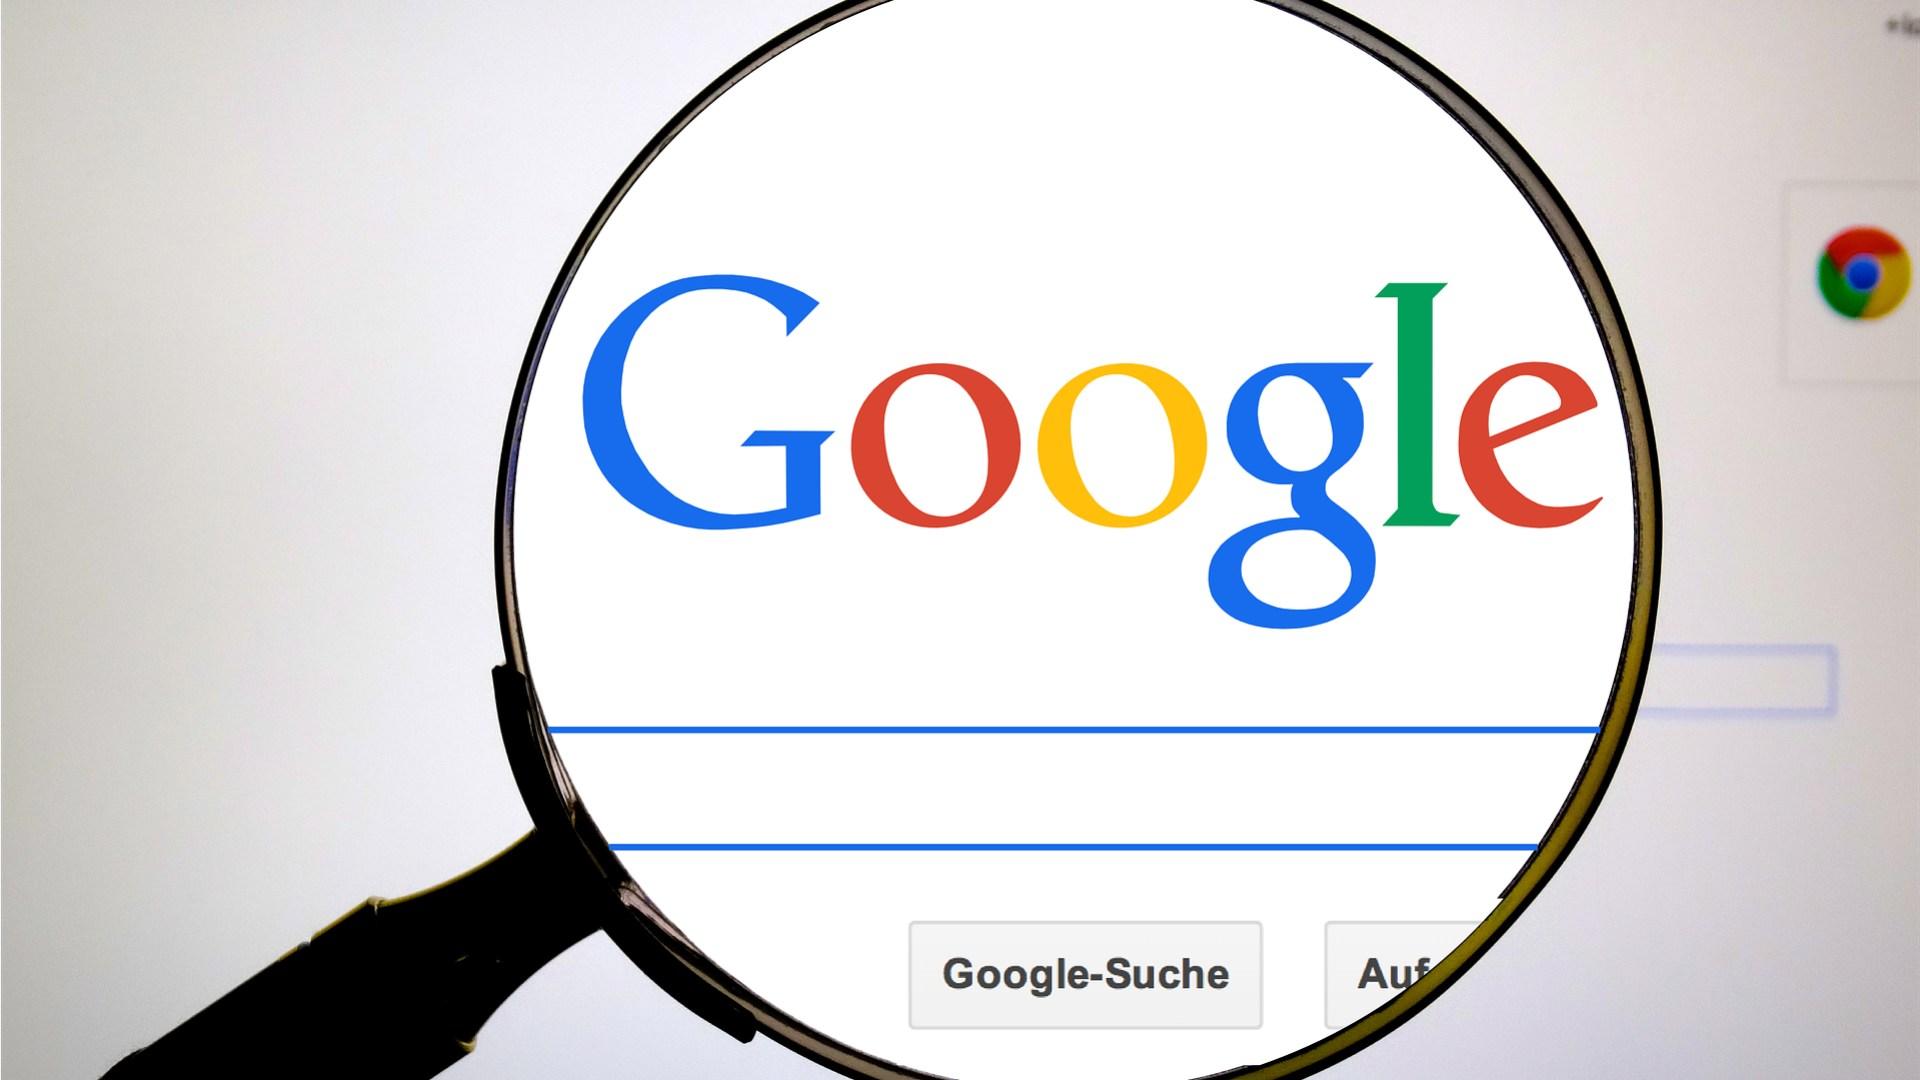 Google, Logo, Suchmaschine, Suche, Websuche, Suchergebnisse